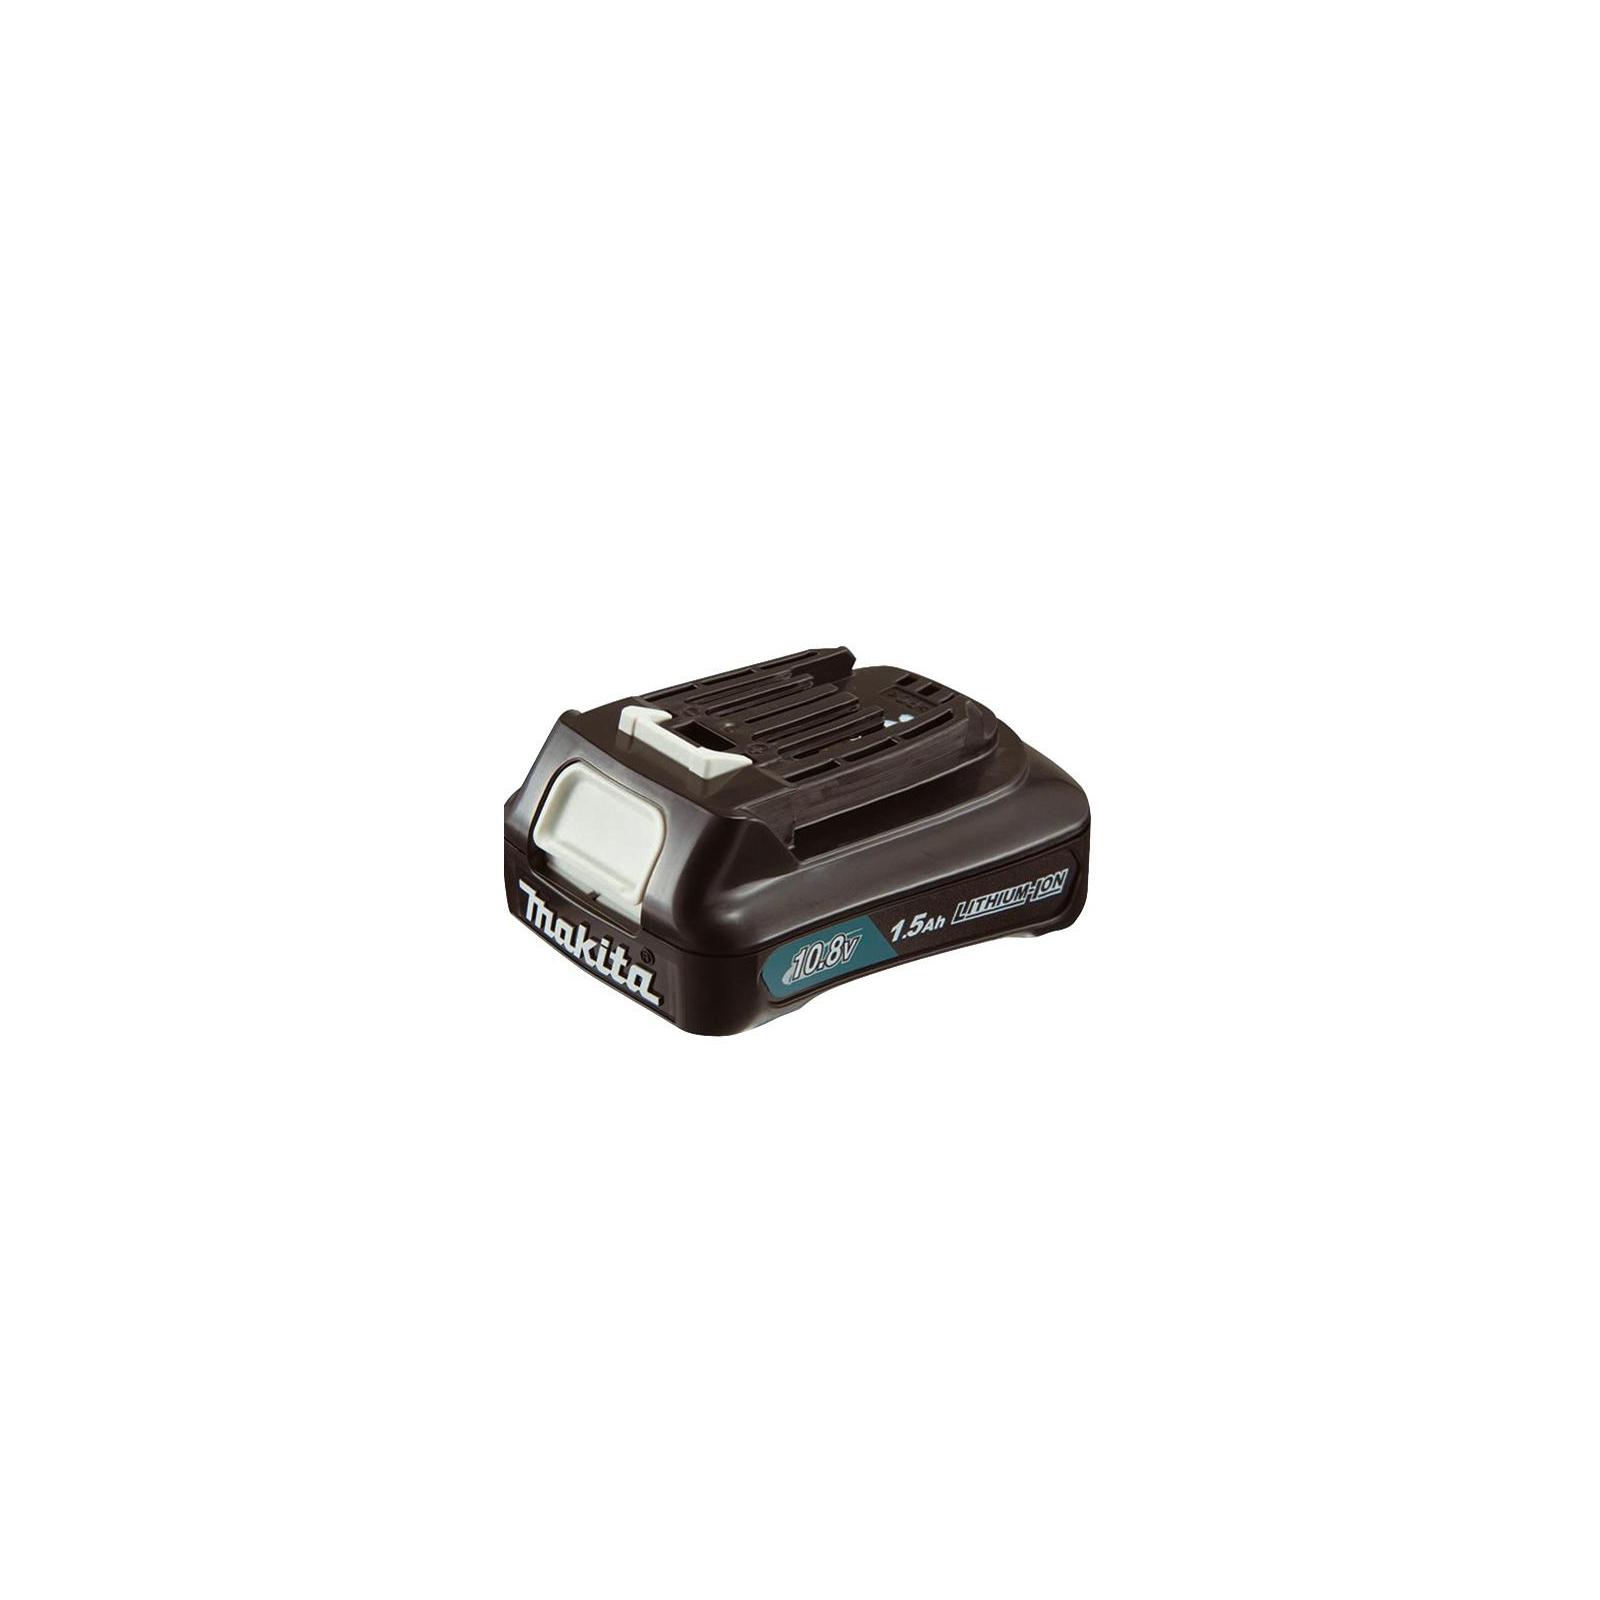 Шуруповерт Makita CLX206X1 CXT 10,8В Slider (TM30D, DF331D, DC10WC, BL1015x2) (CLX206X1) изображение 4